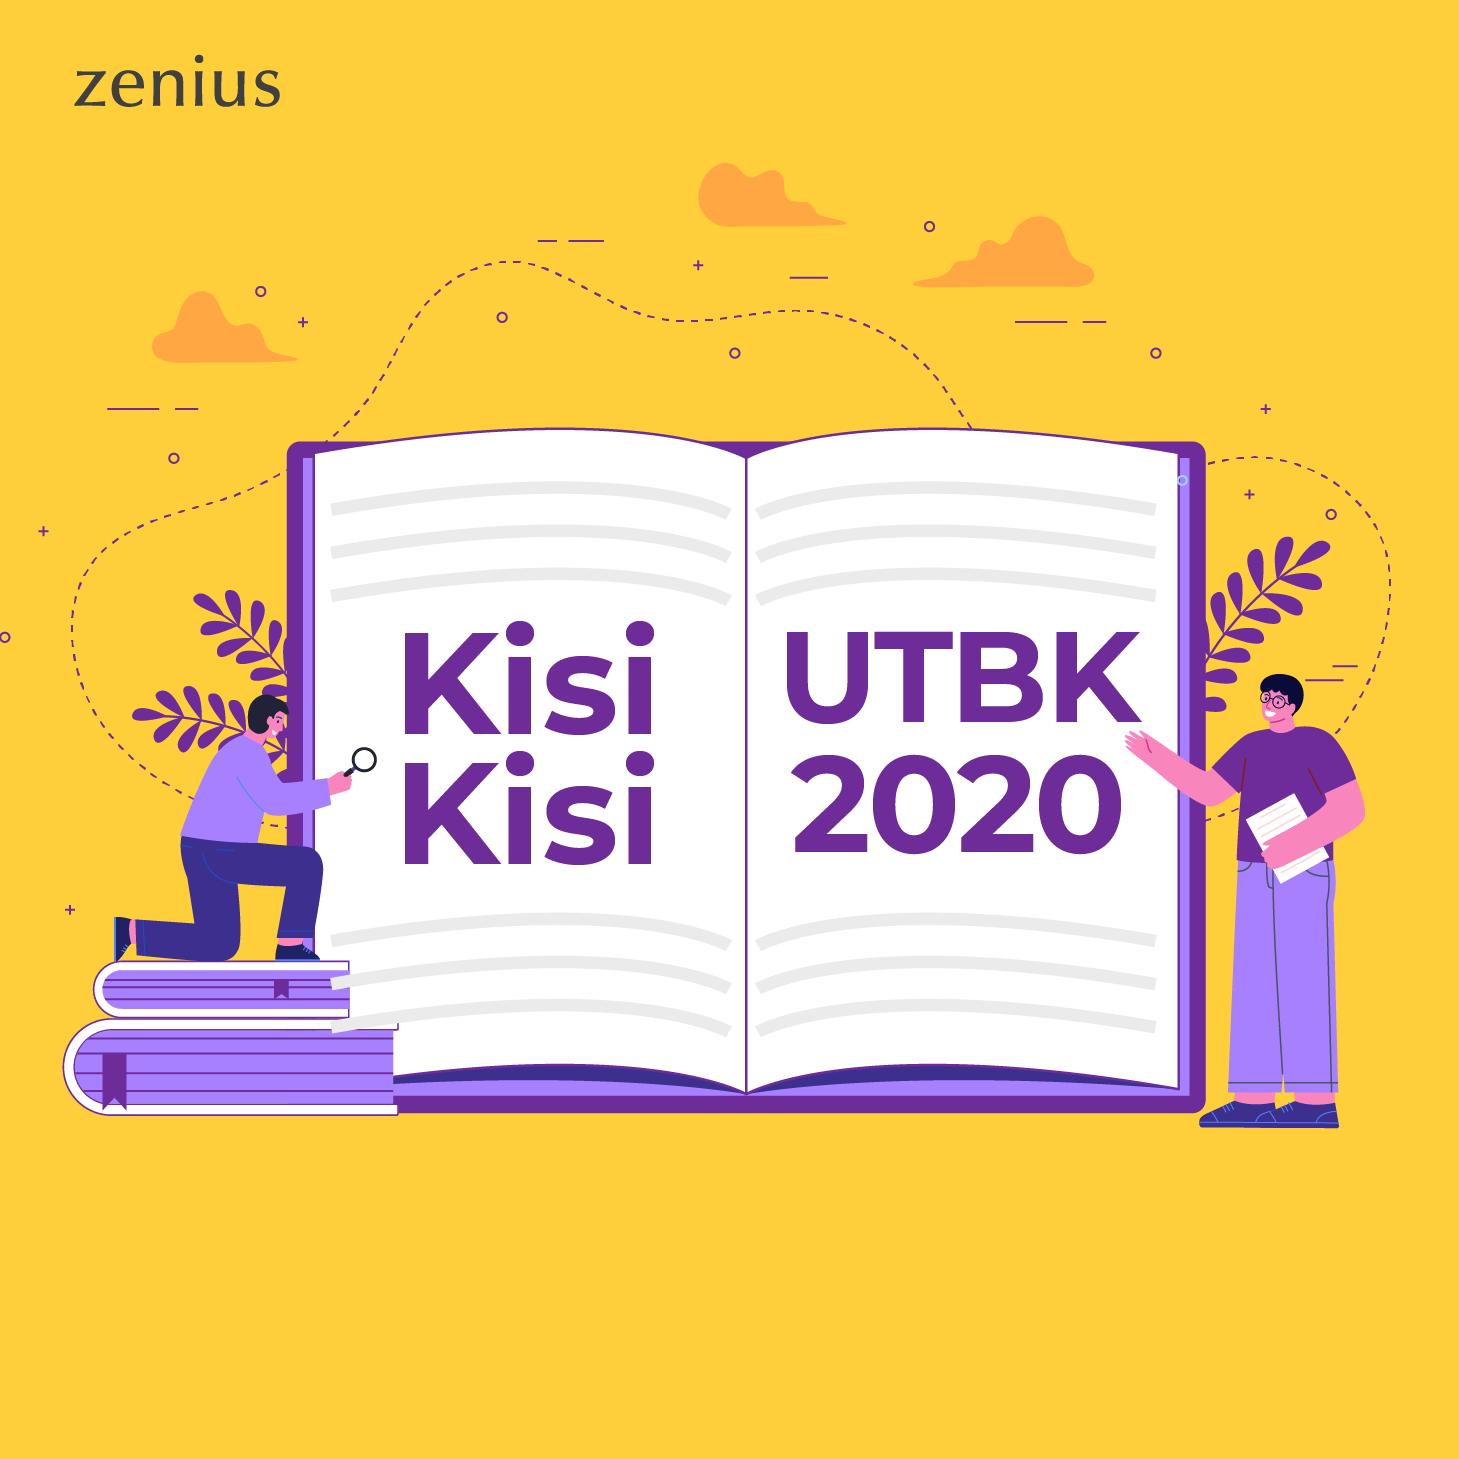 Panduan Belajar dan Kisi-kisi UTBK 2020 yang Harus Kamu Baca 4